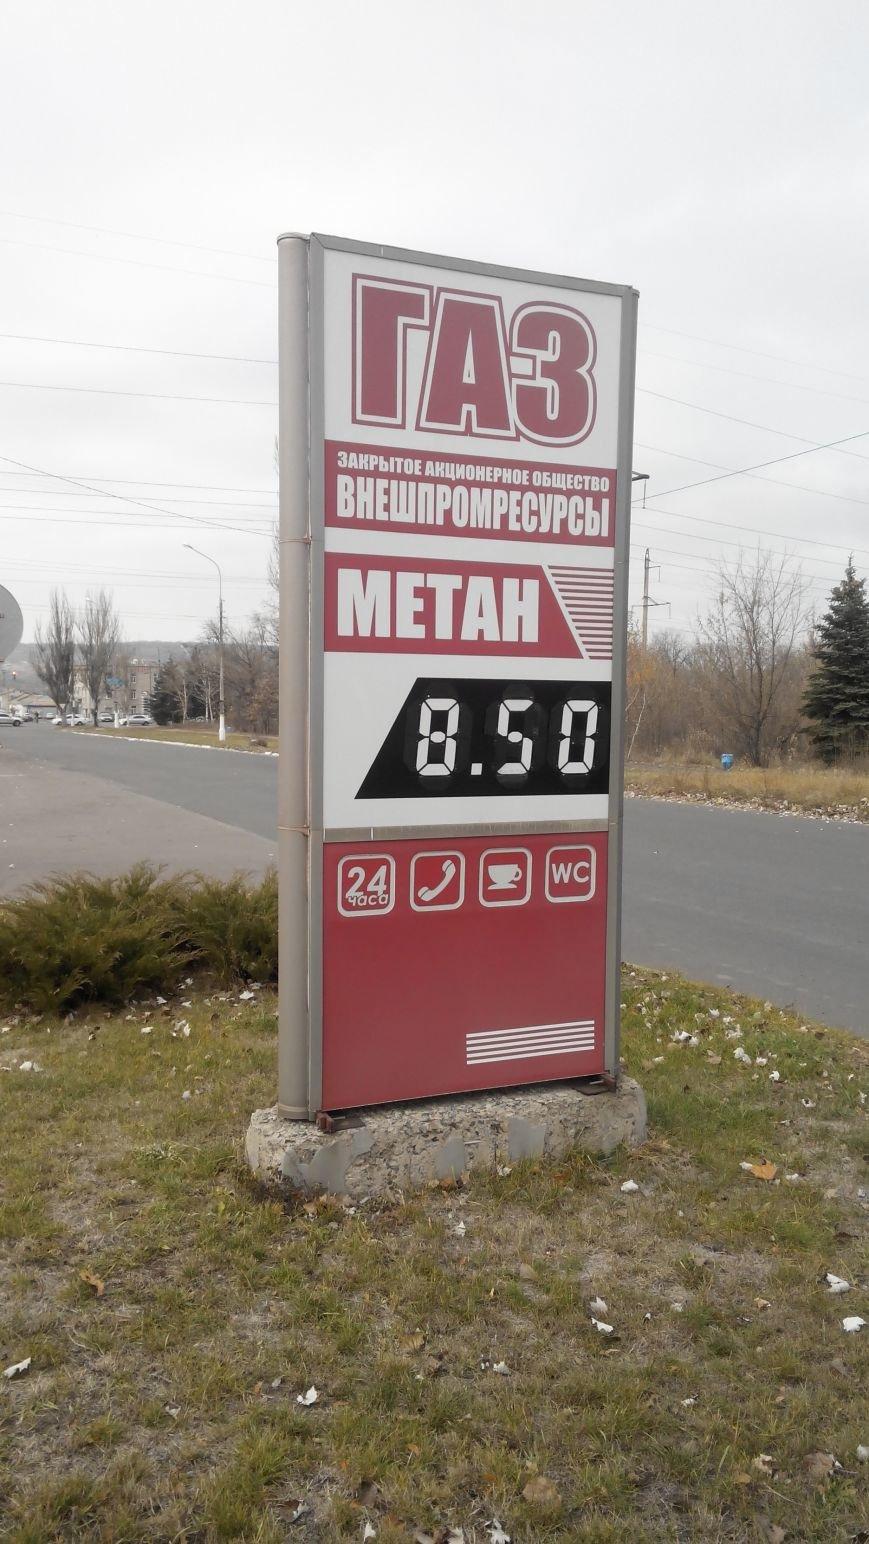 Метан на краматорских заправках вырос в цене (фото) - фото 2